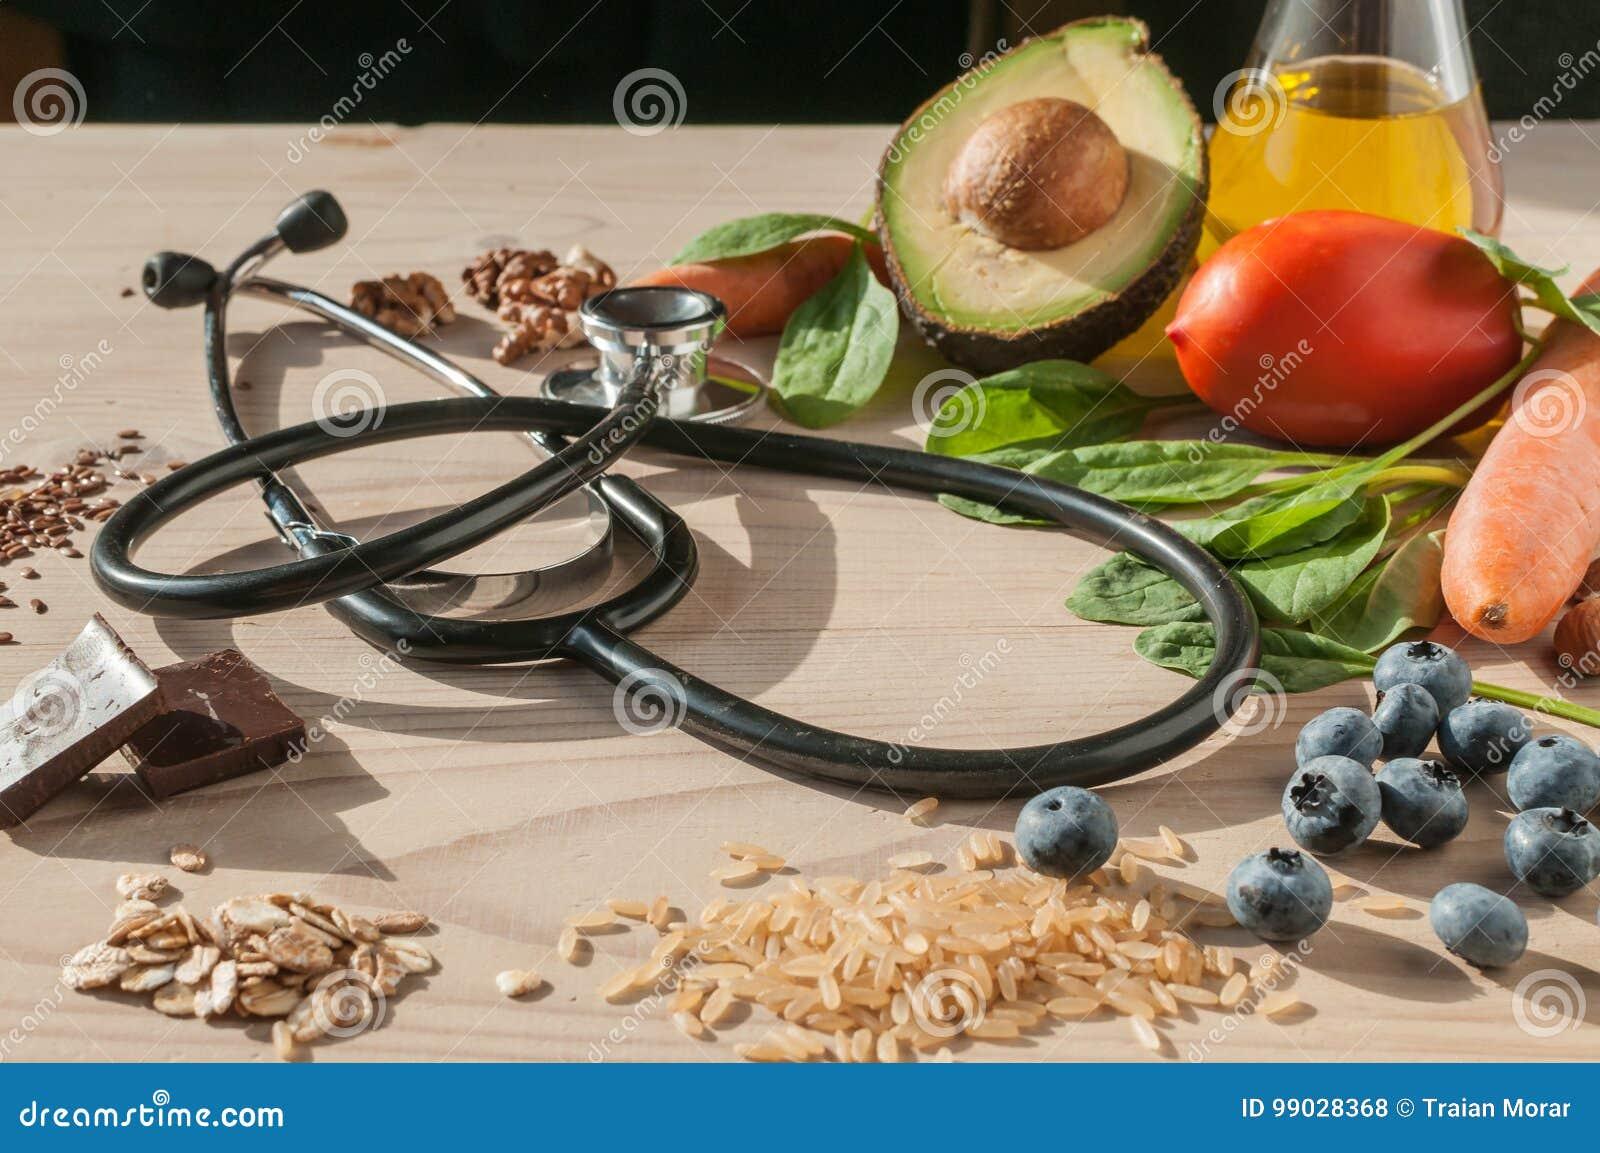 Τα υγιή τρόφιμα για αποτρέπουν τις καρδιαγγειακές παθήσεις